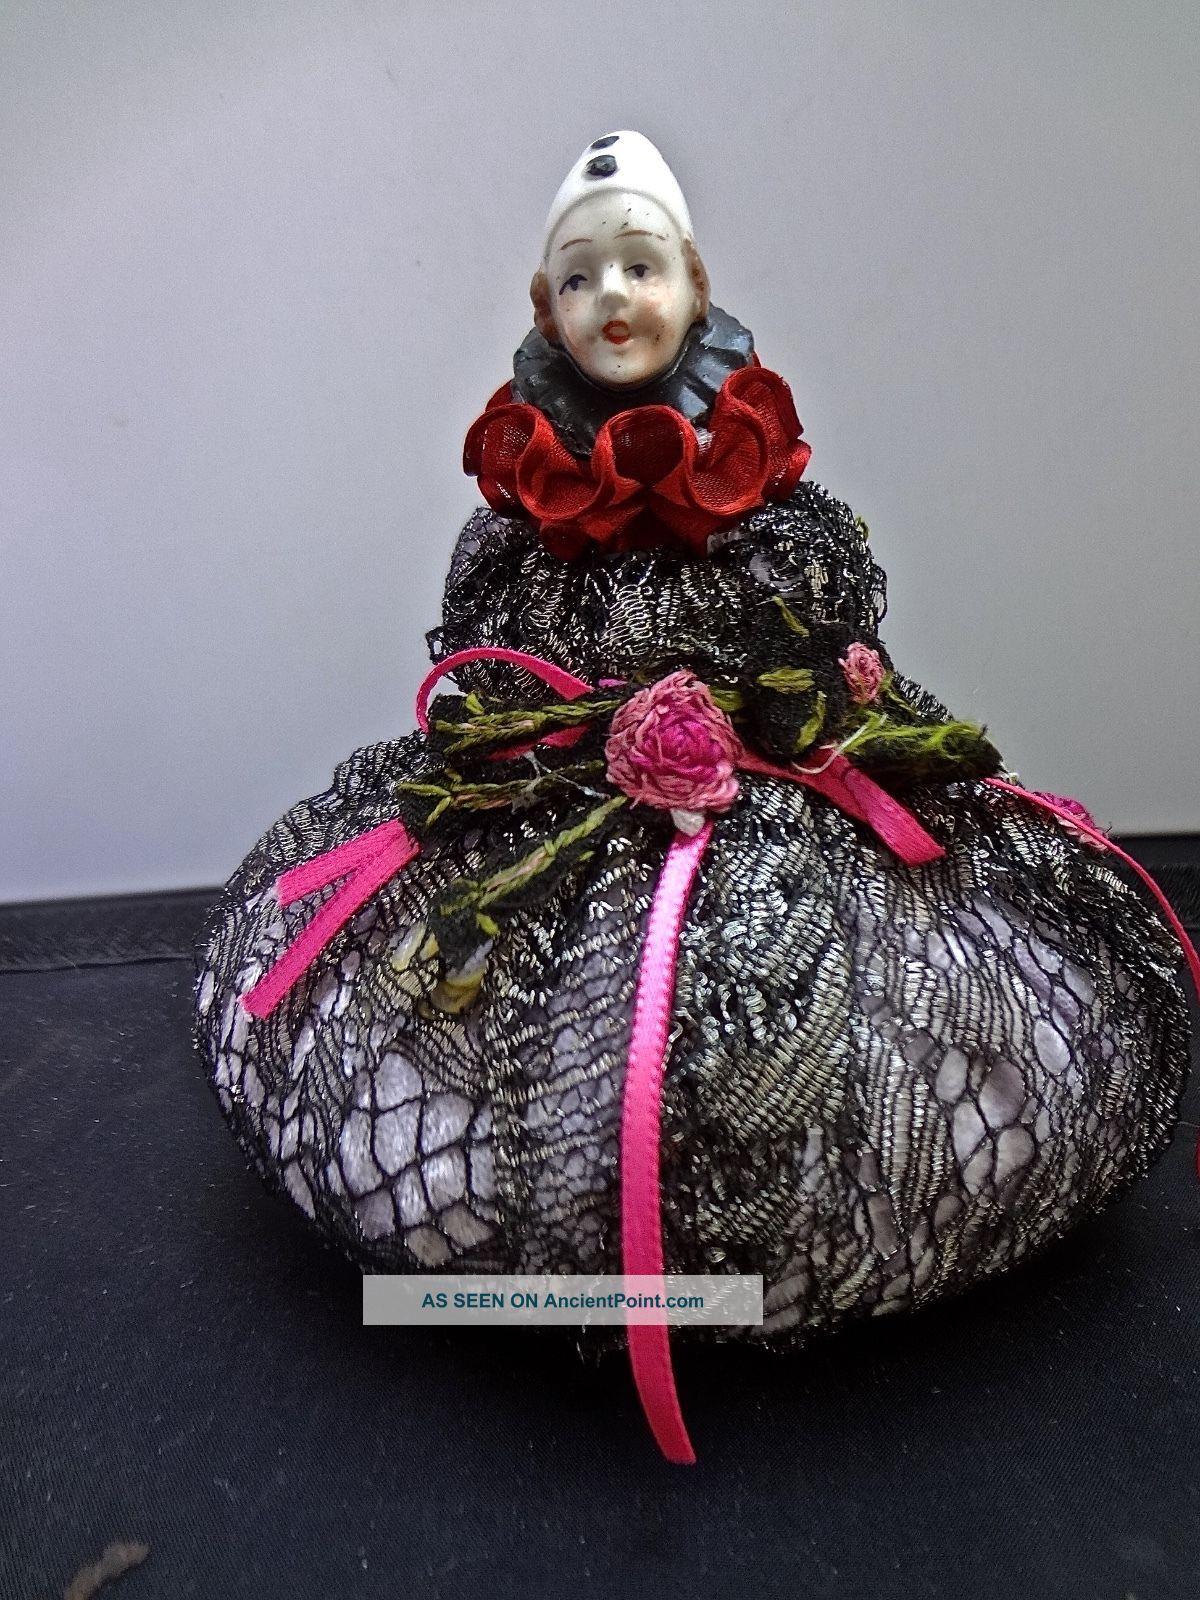 Antique Clown Head Doll Pincushion Metallic Lace Ribbon Antique Applique Pin Cushions photo